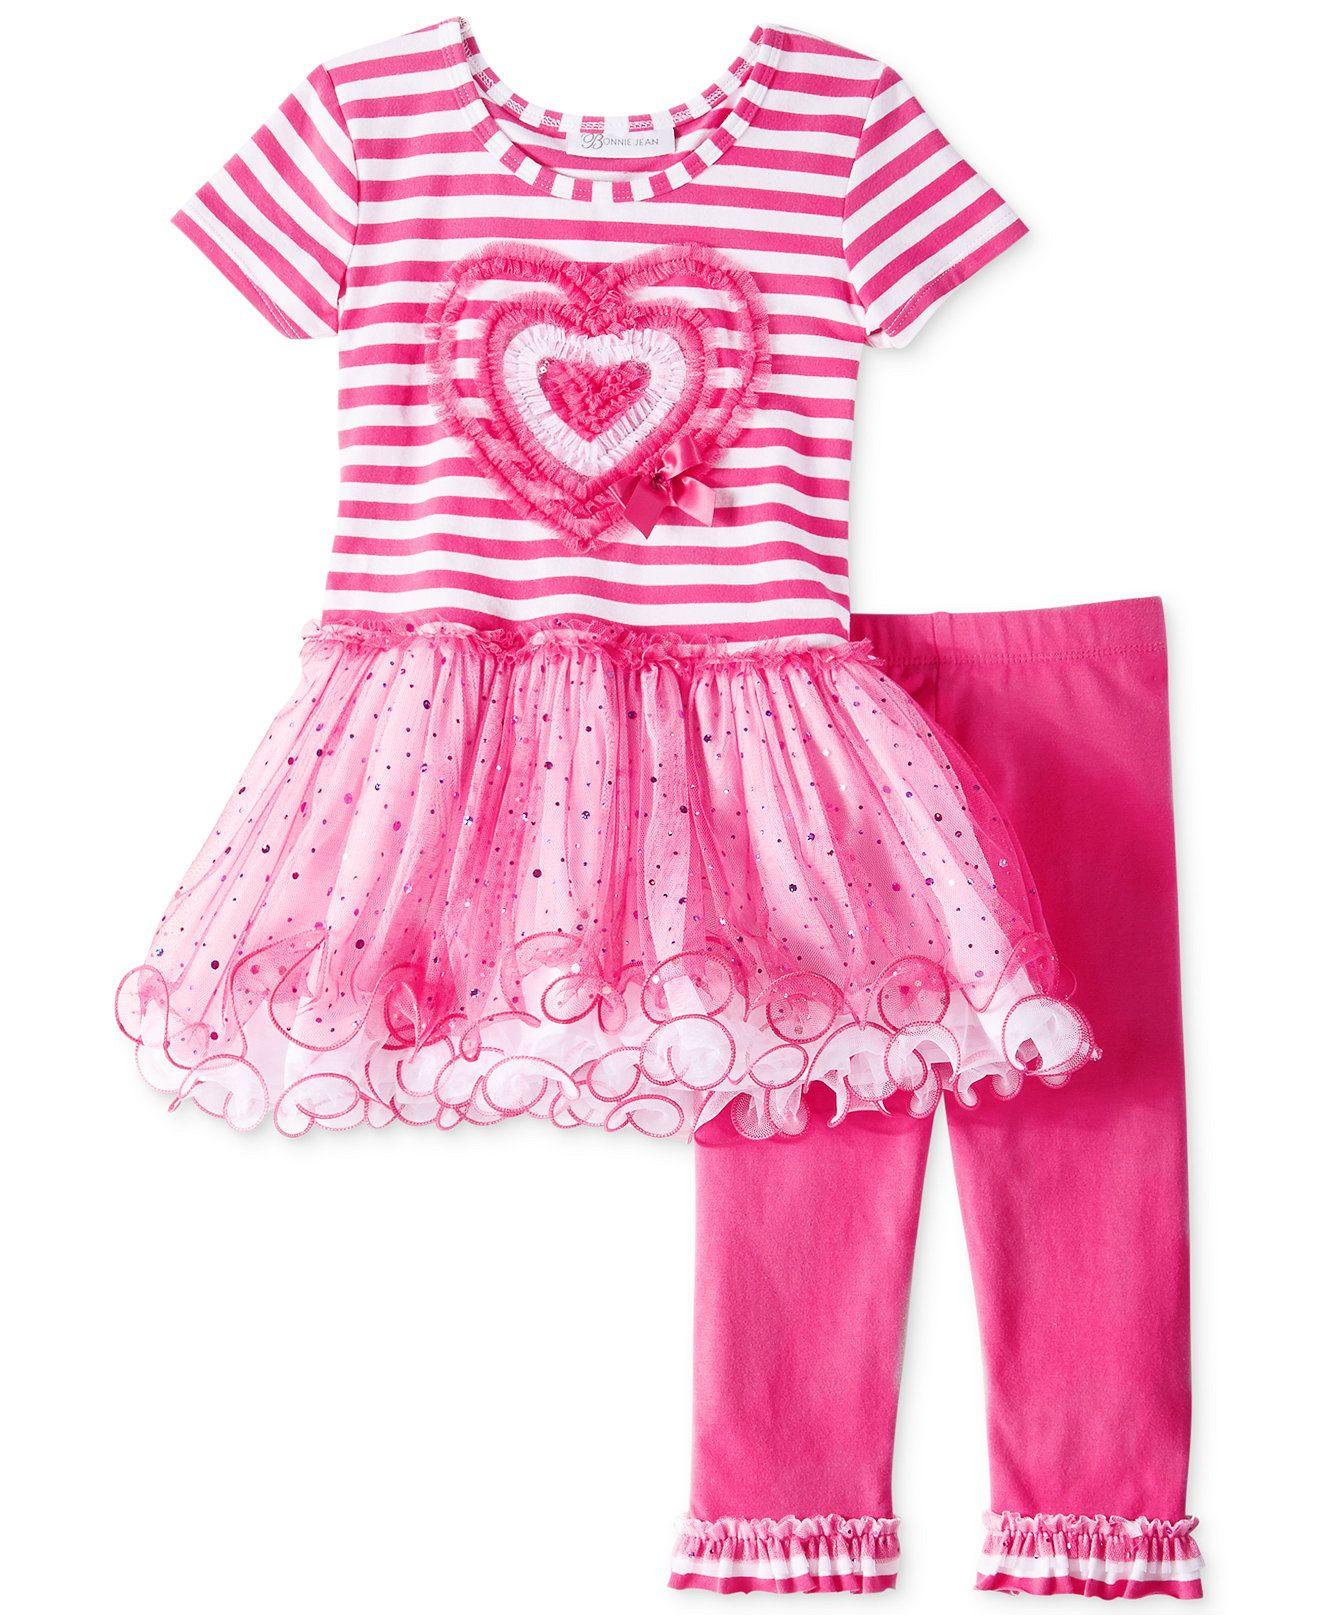 Bonnie Jean Baby Girls St Valentine Pink Heart Birthday Jumper Set 12 24 Months